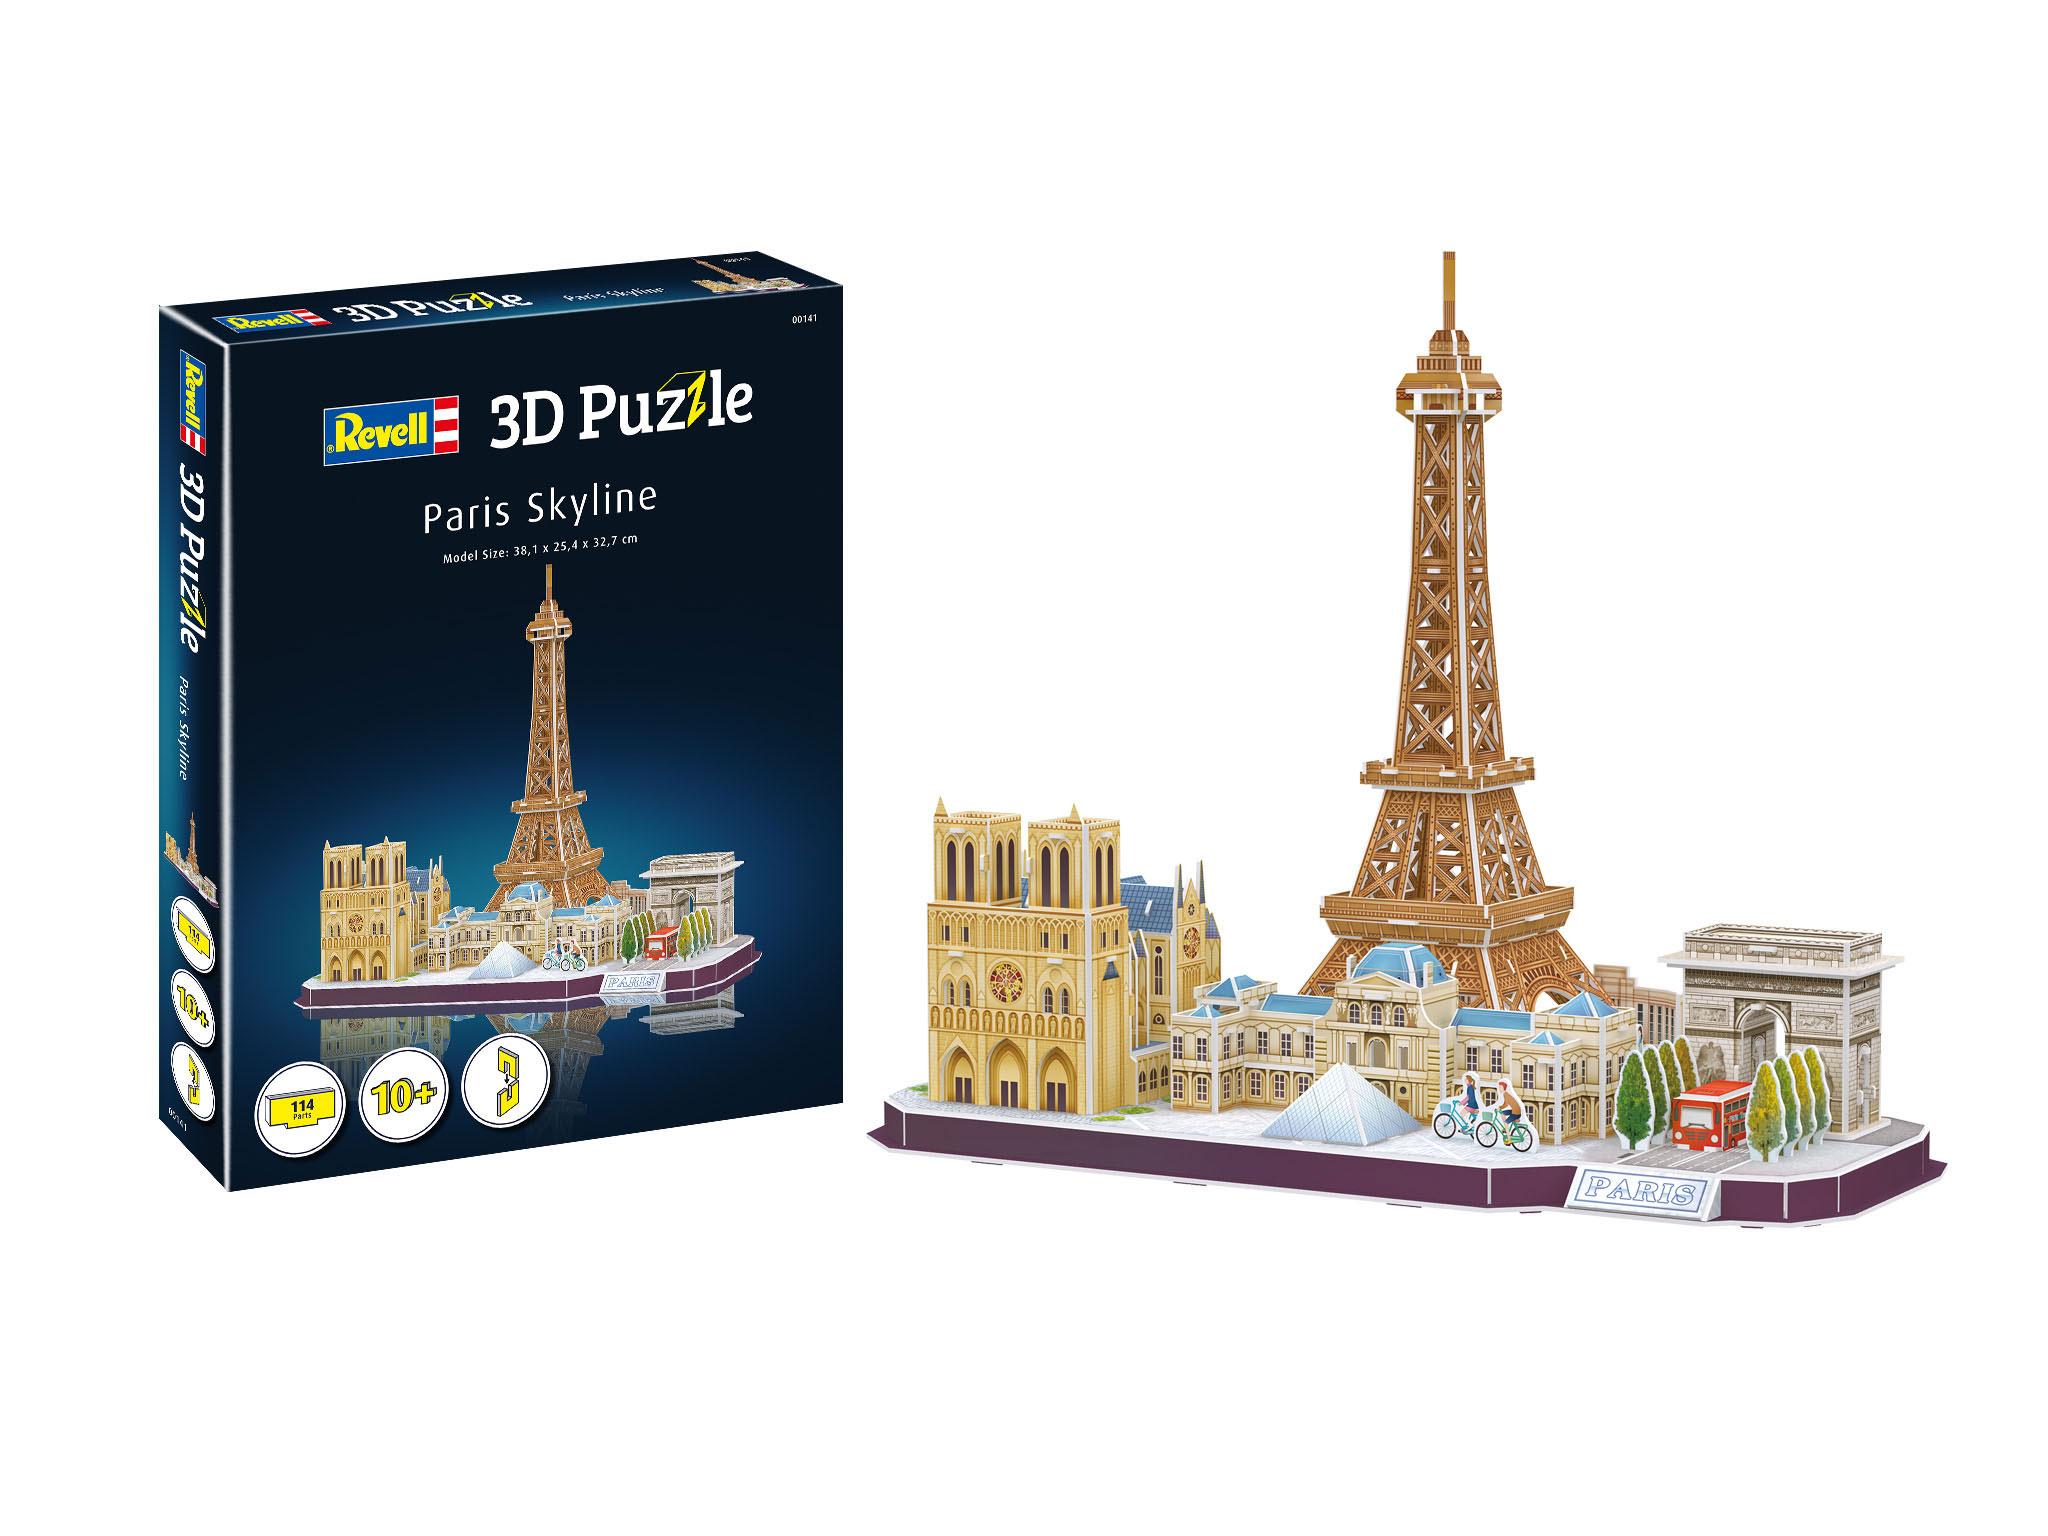 Revell 3D Puzzle - Paris Skyline 00141